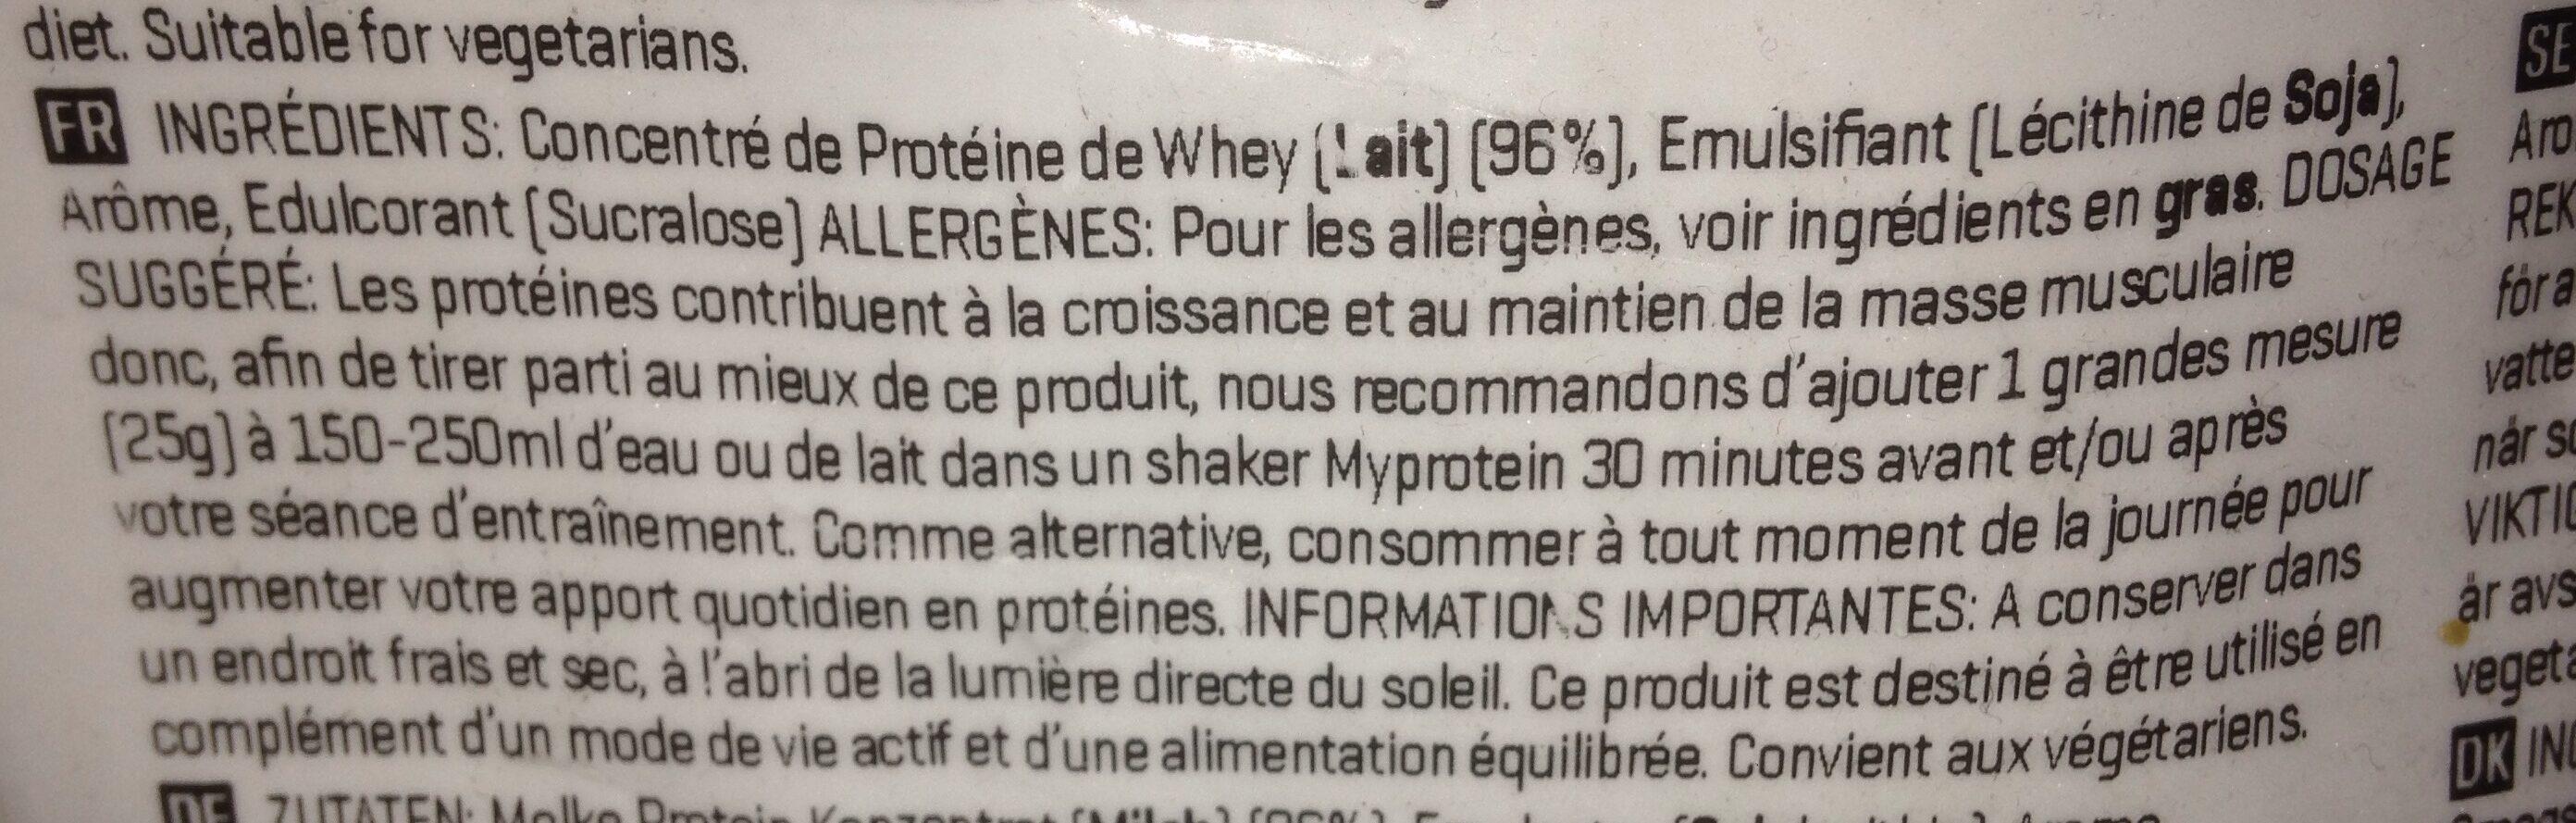 Impact Whey Protein - 1000G - Limone-käsekuchen - Ingrédients - fr